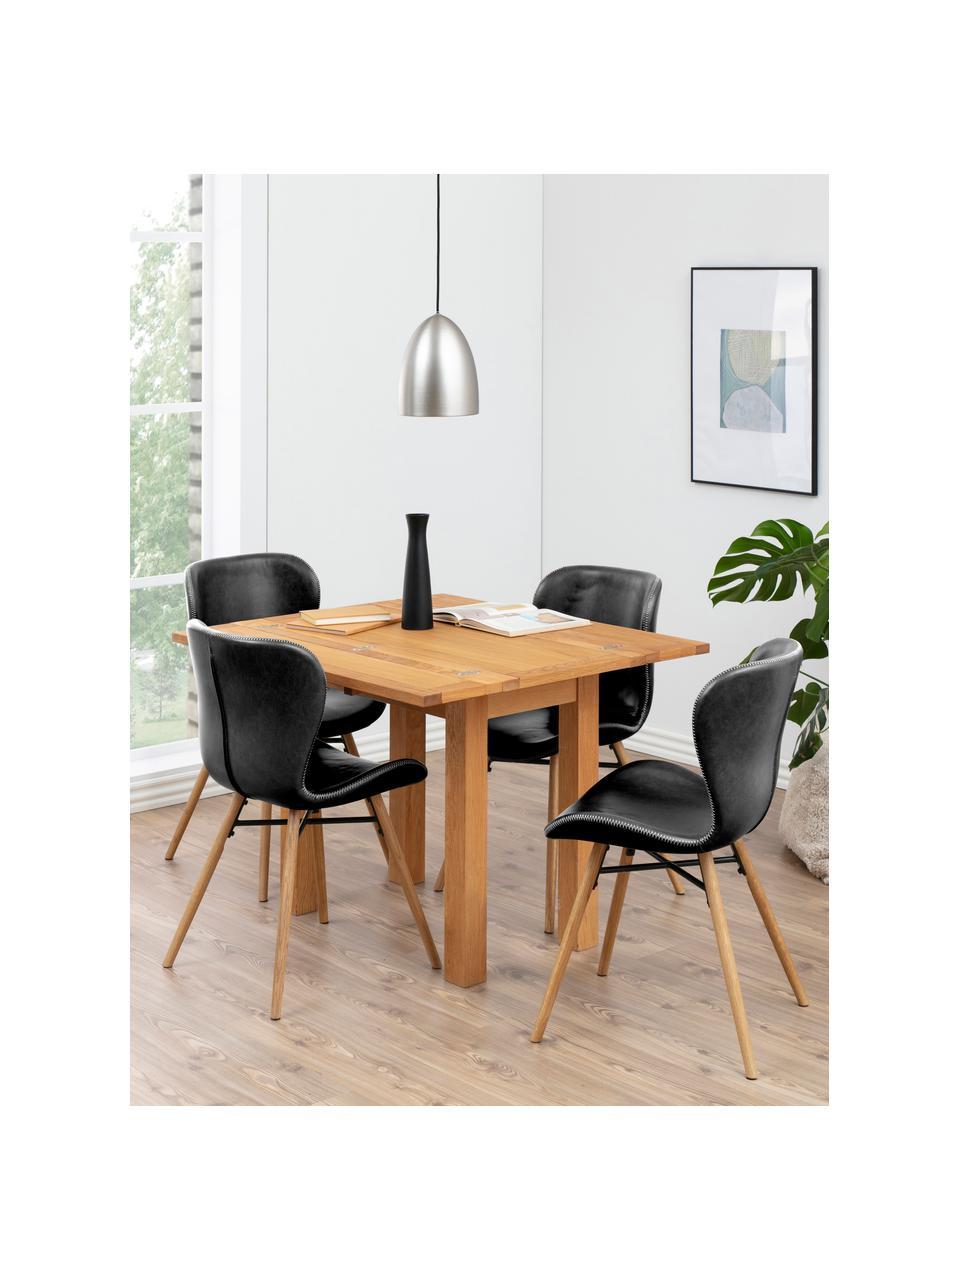 Chaise en cuir synthétique rembourréeBatilda, 2pièces, Cuir synthétique noir